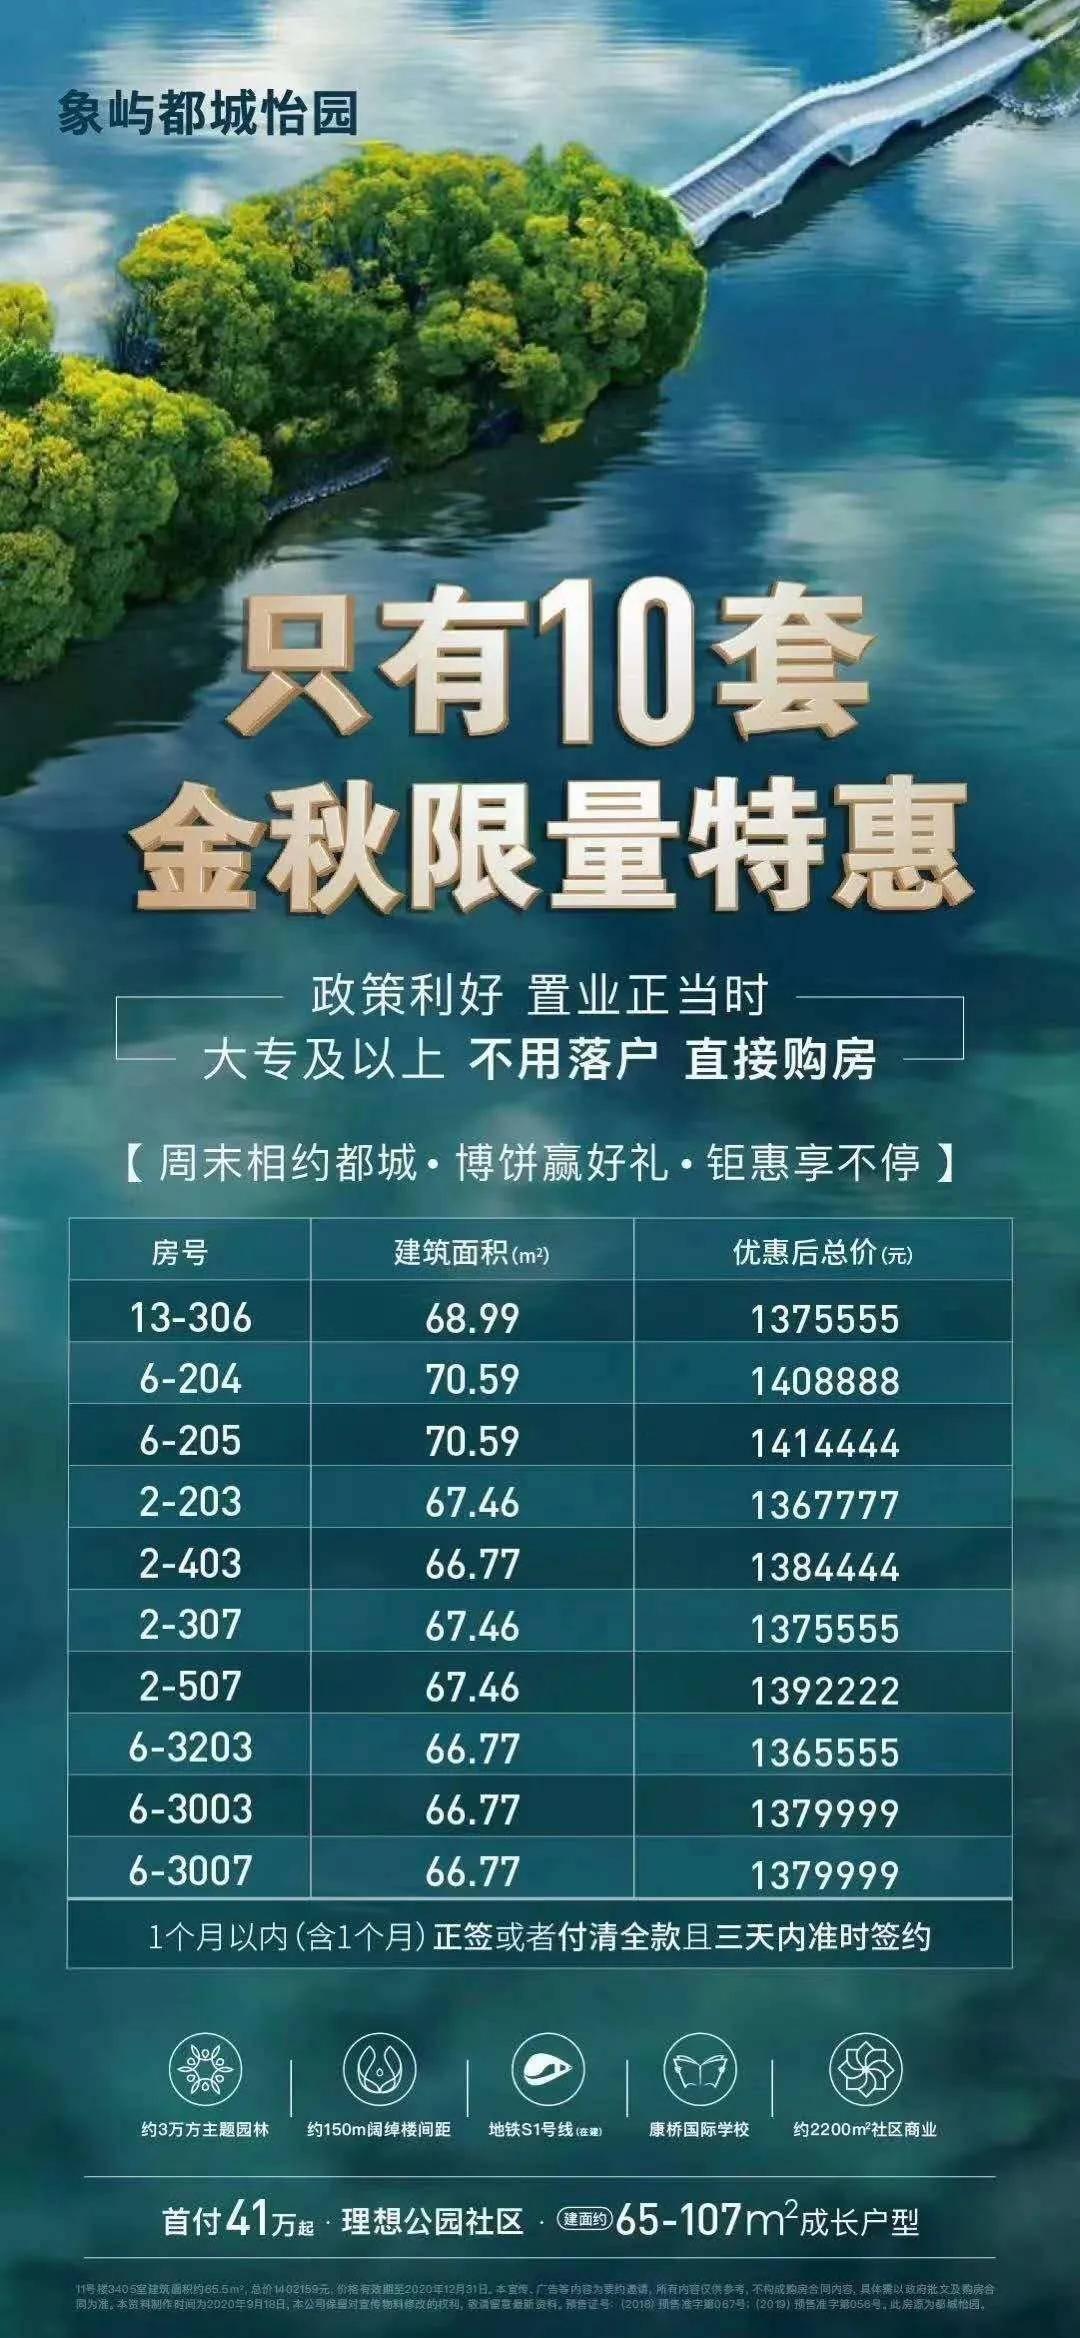 江苏省人口和德国差不多_德国人口分布图